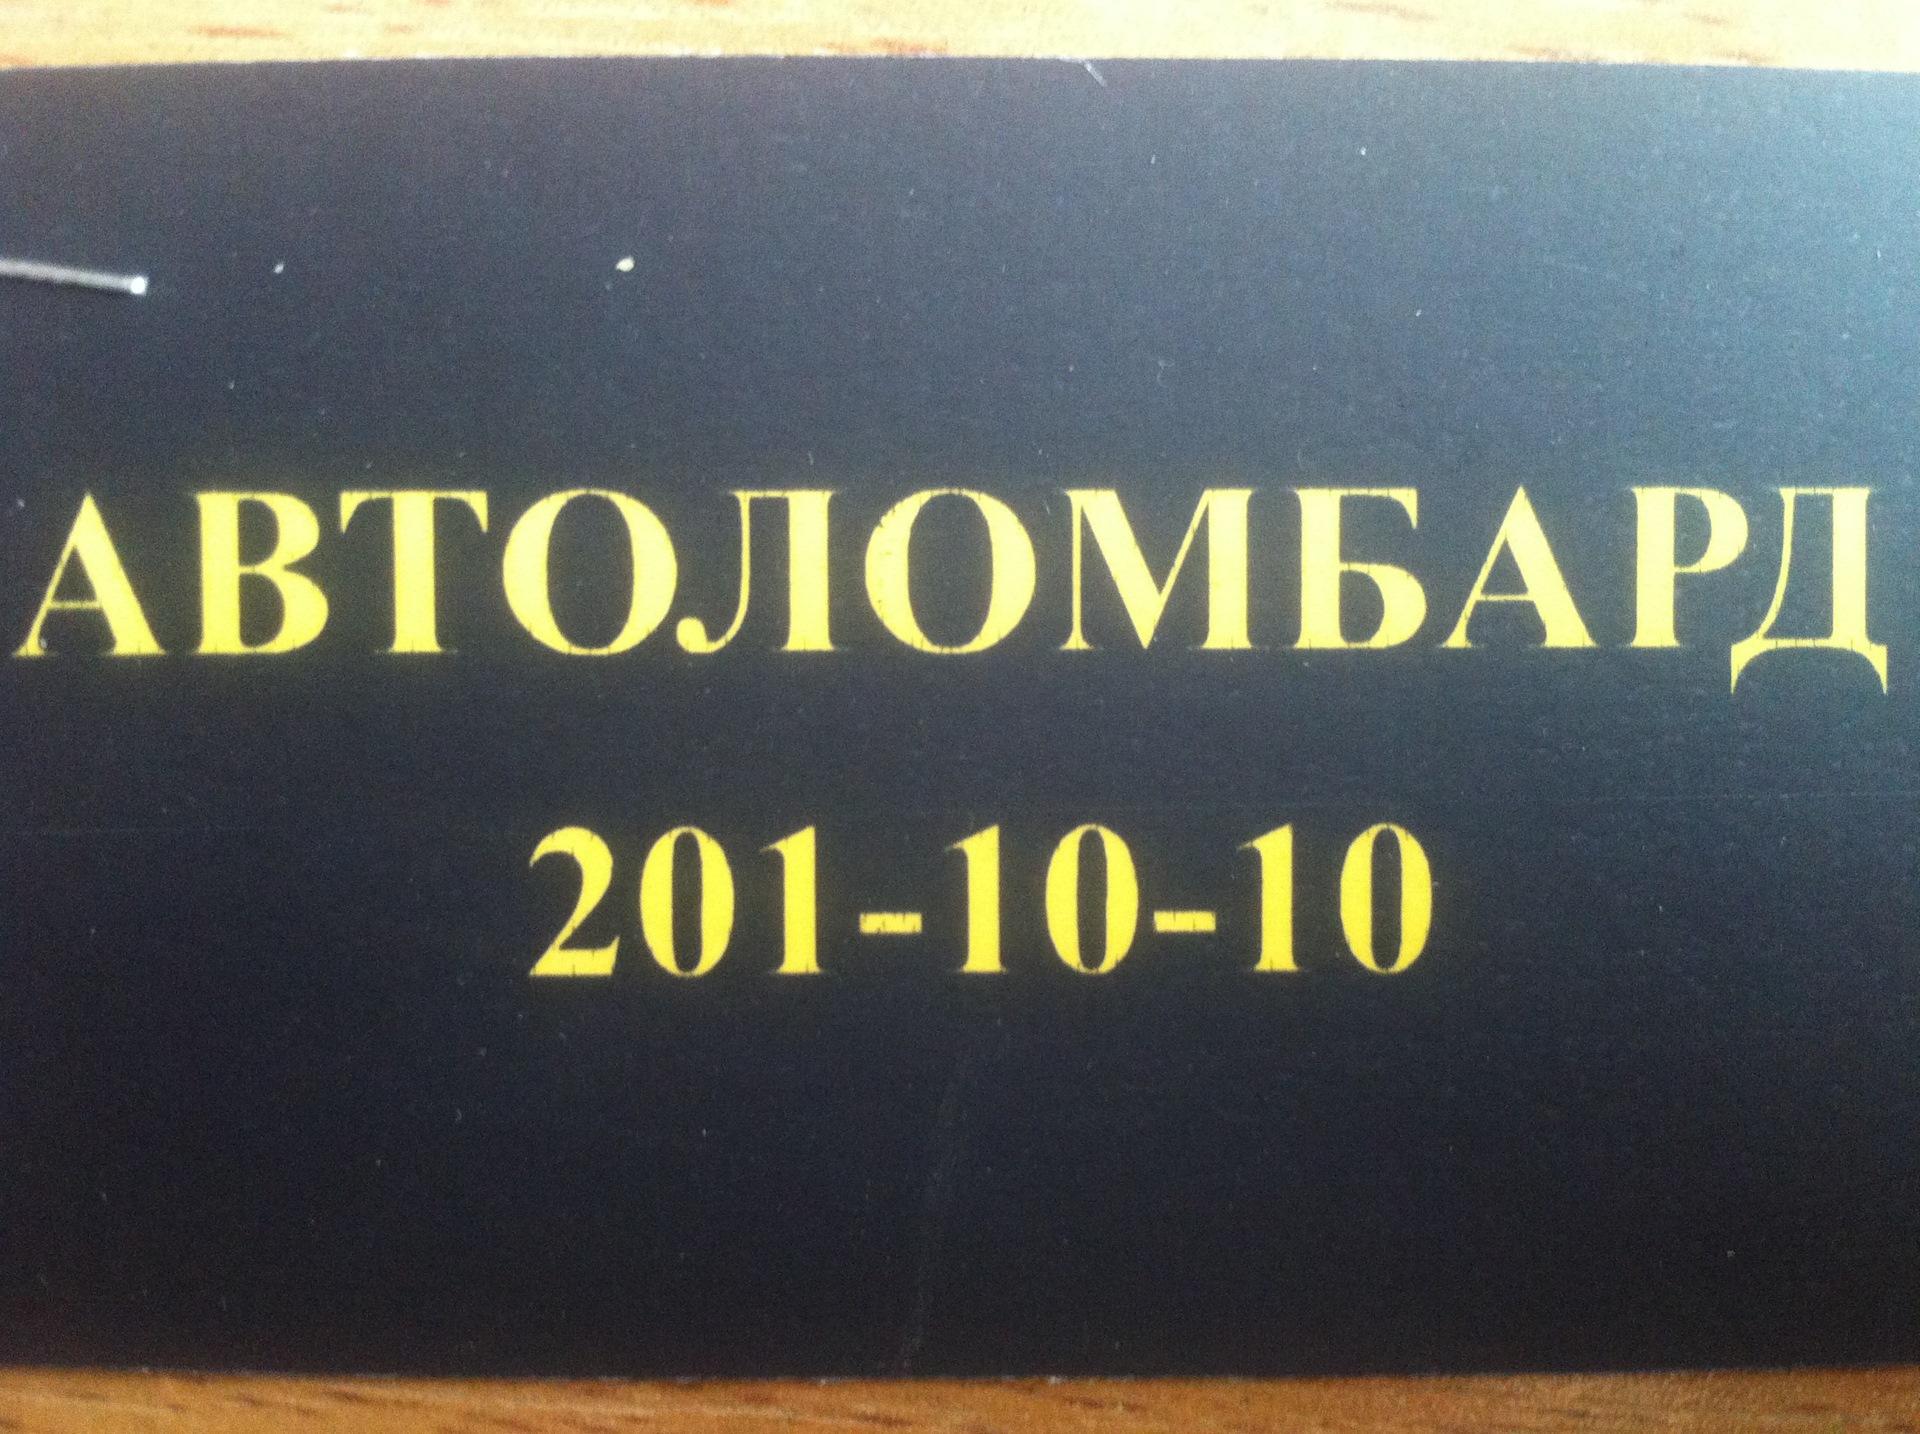 Автоломбард во владивосток онлайн займы под птс